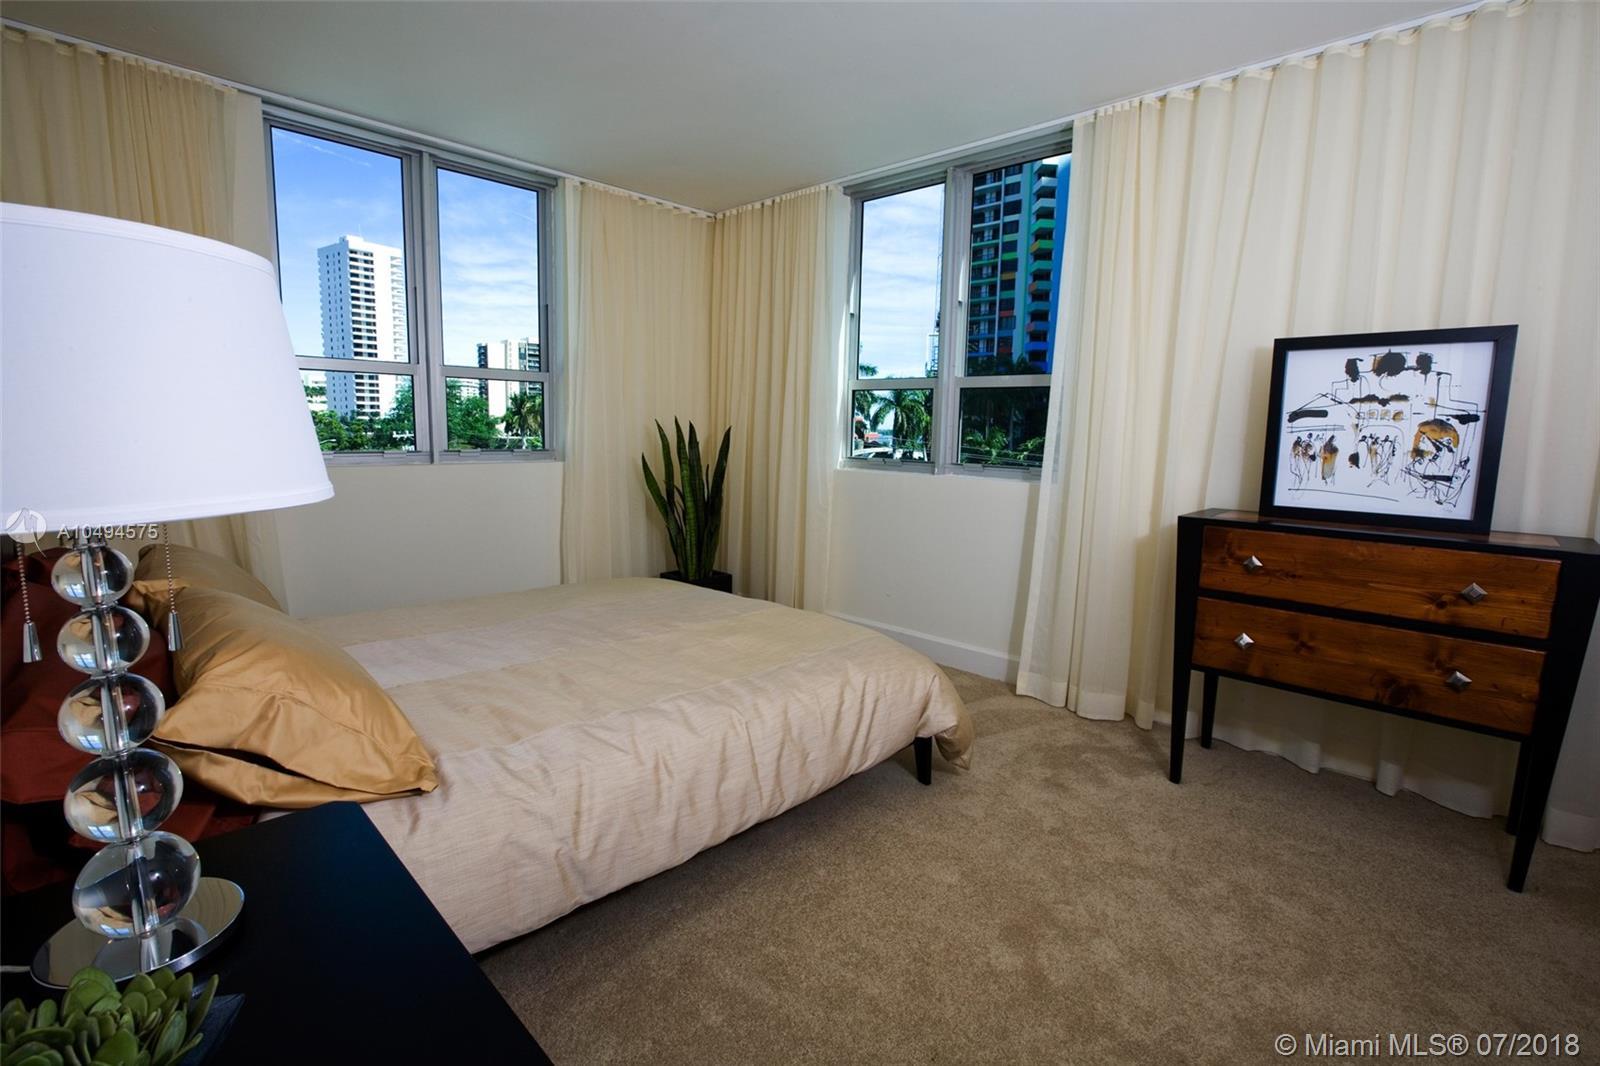 1550 Brickell Ave Miami, FL 33129, 1550 Brickell #213, Brickell, Miami A10494575 image #3